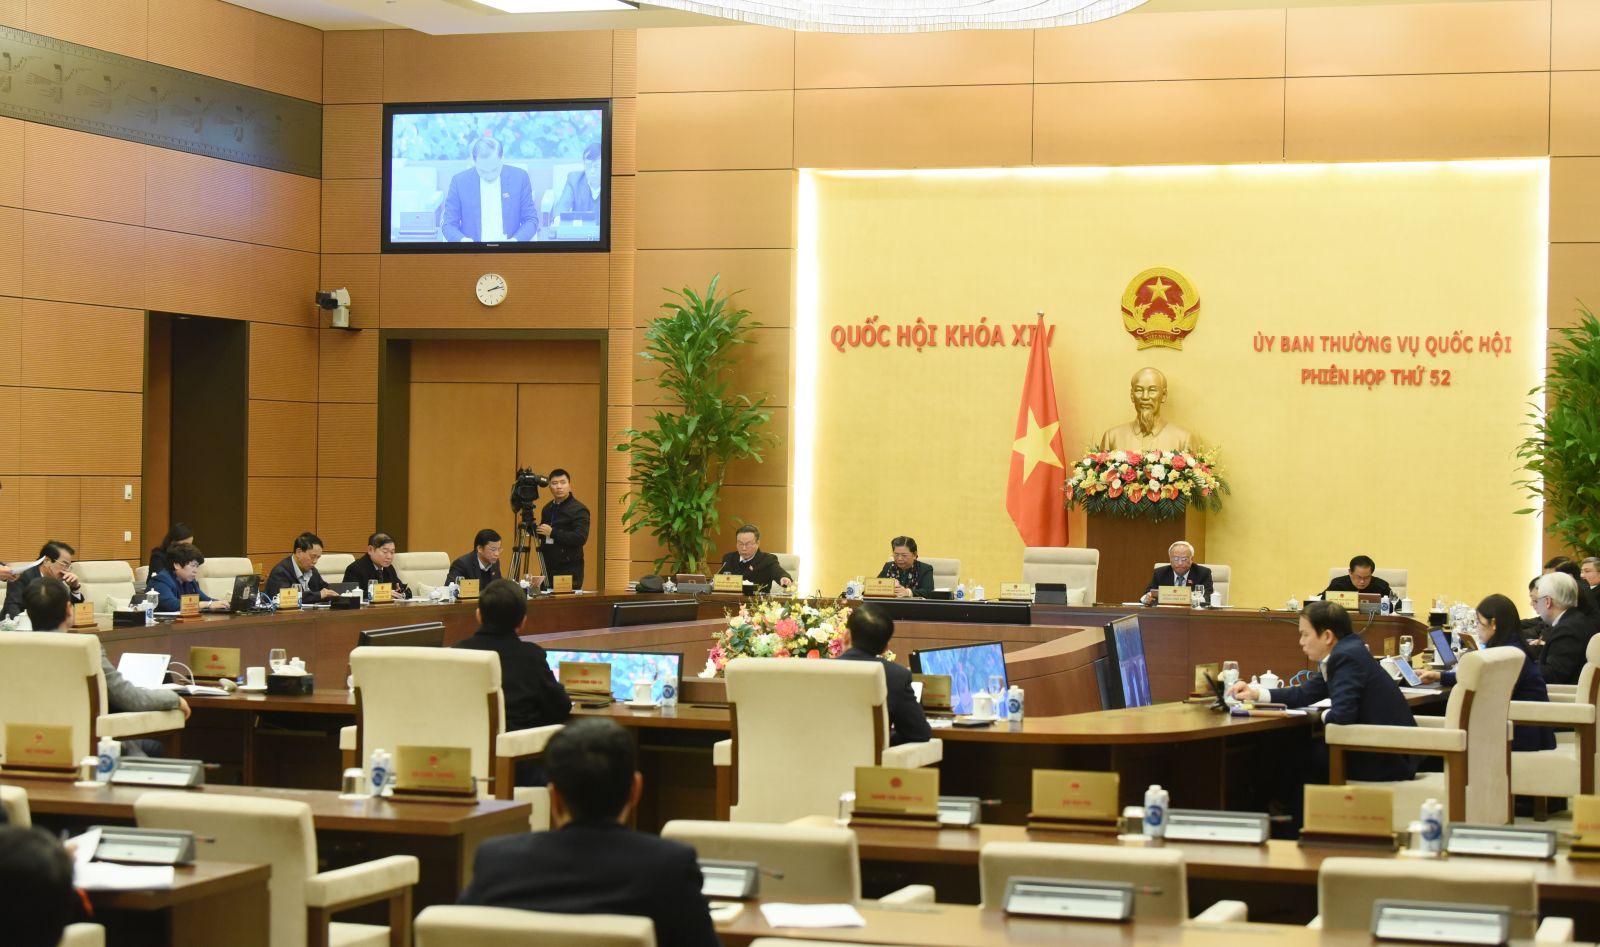 Một phiên họp của Ủy ban Thường vụ Quốc hội.